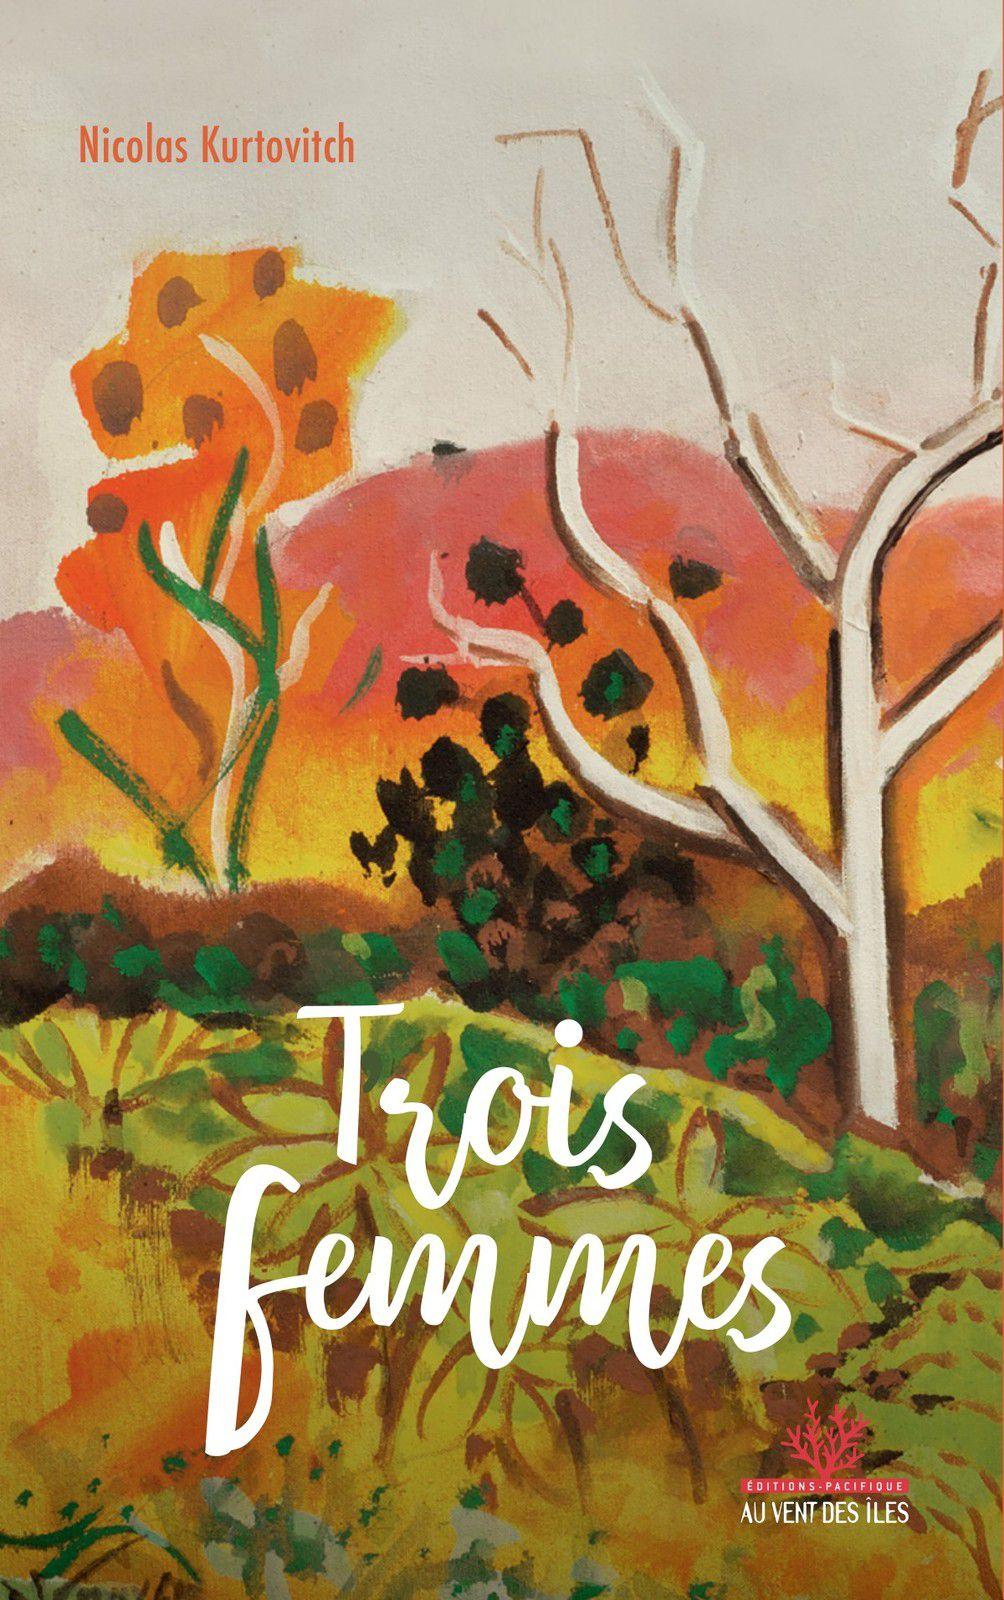 Le dernier livre de Nicolas Kurtovitch, Trois femmes, est aussi disponible en numérique